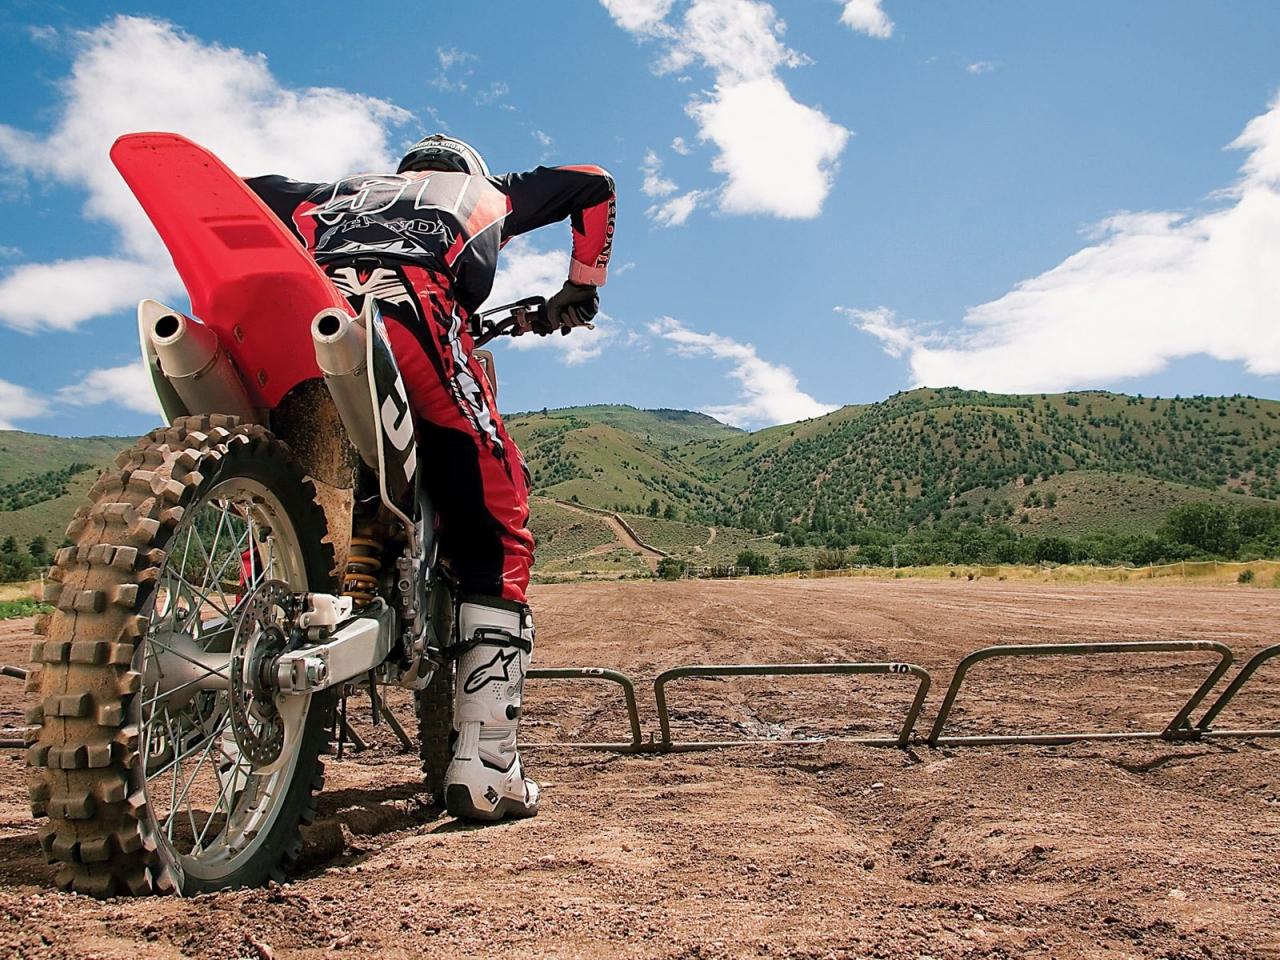 Un motociclista con una cross - 1280x960